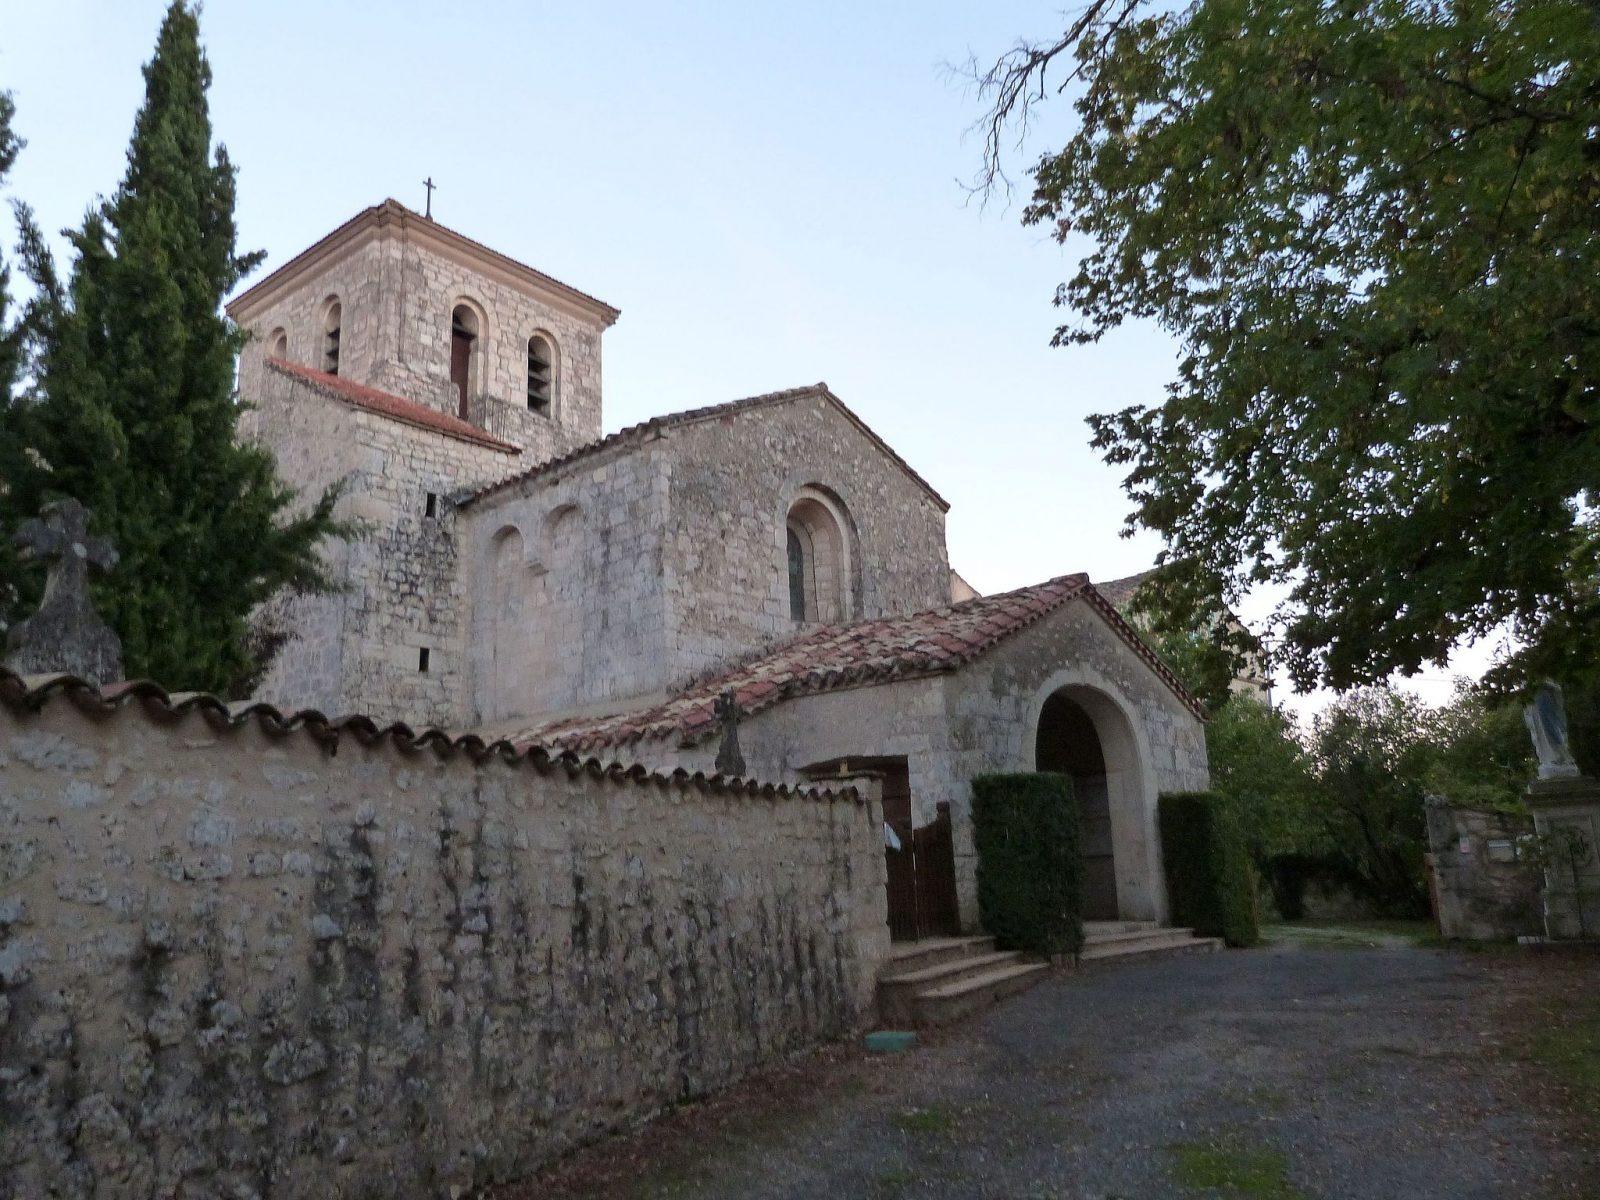 Notre Dame de Roumanou